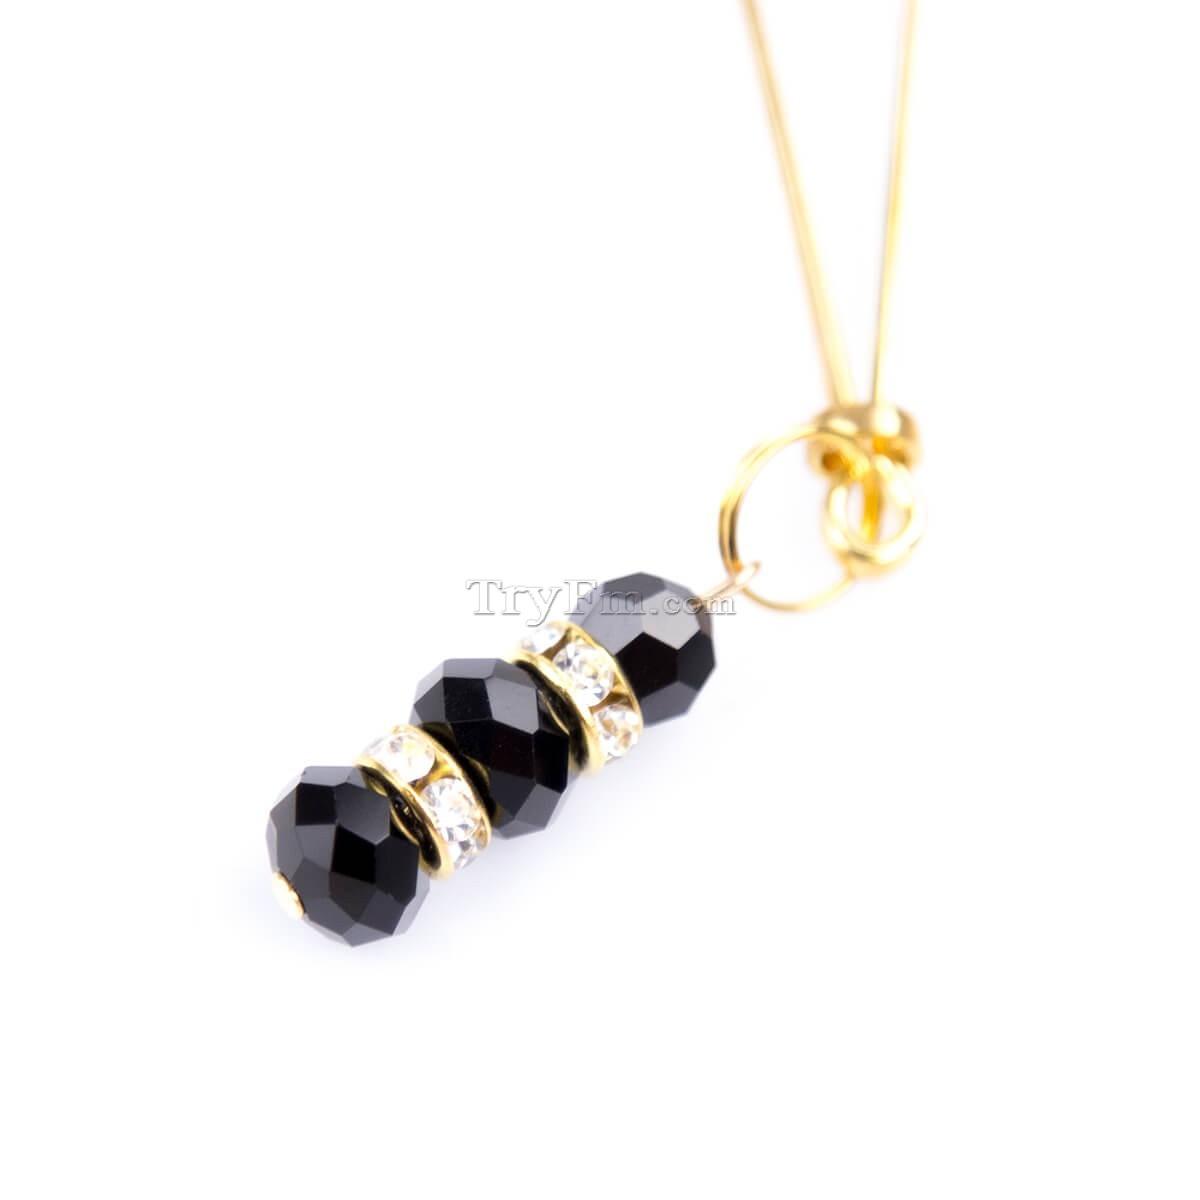 6-nipple-clamp-with-beads9.jpg